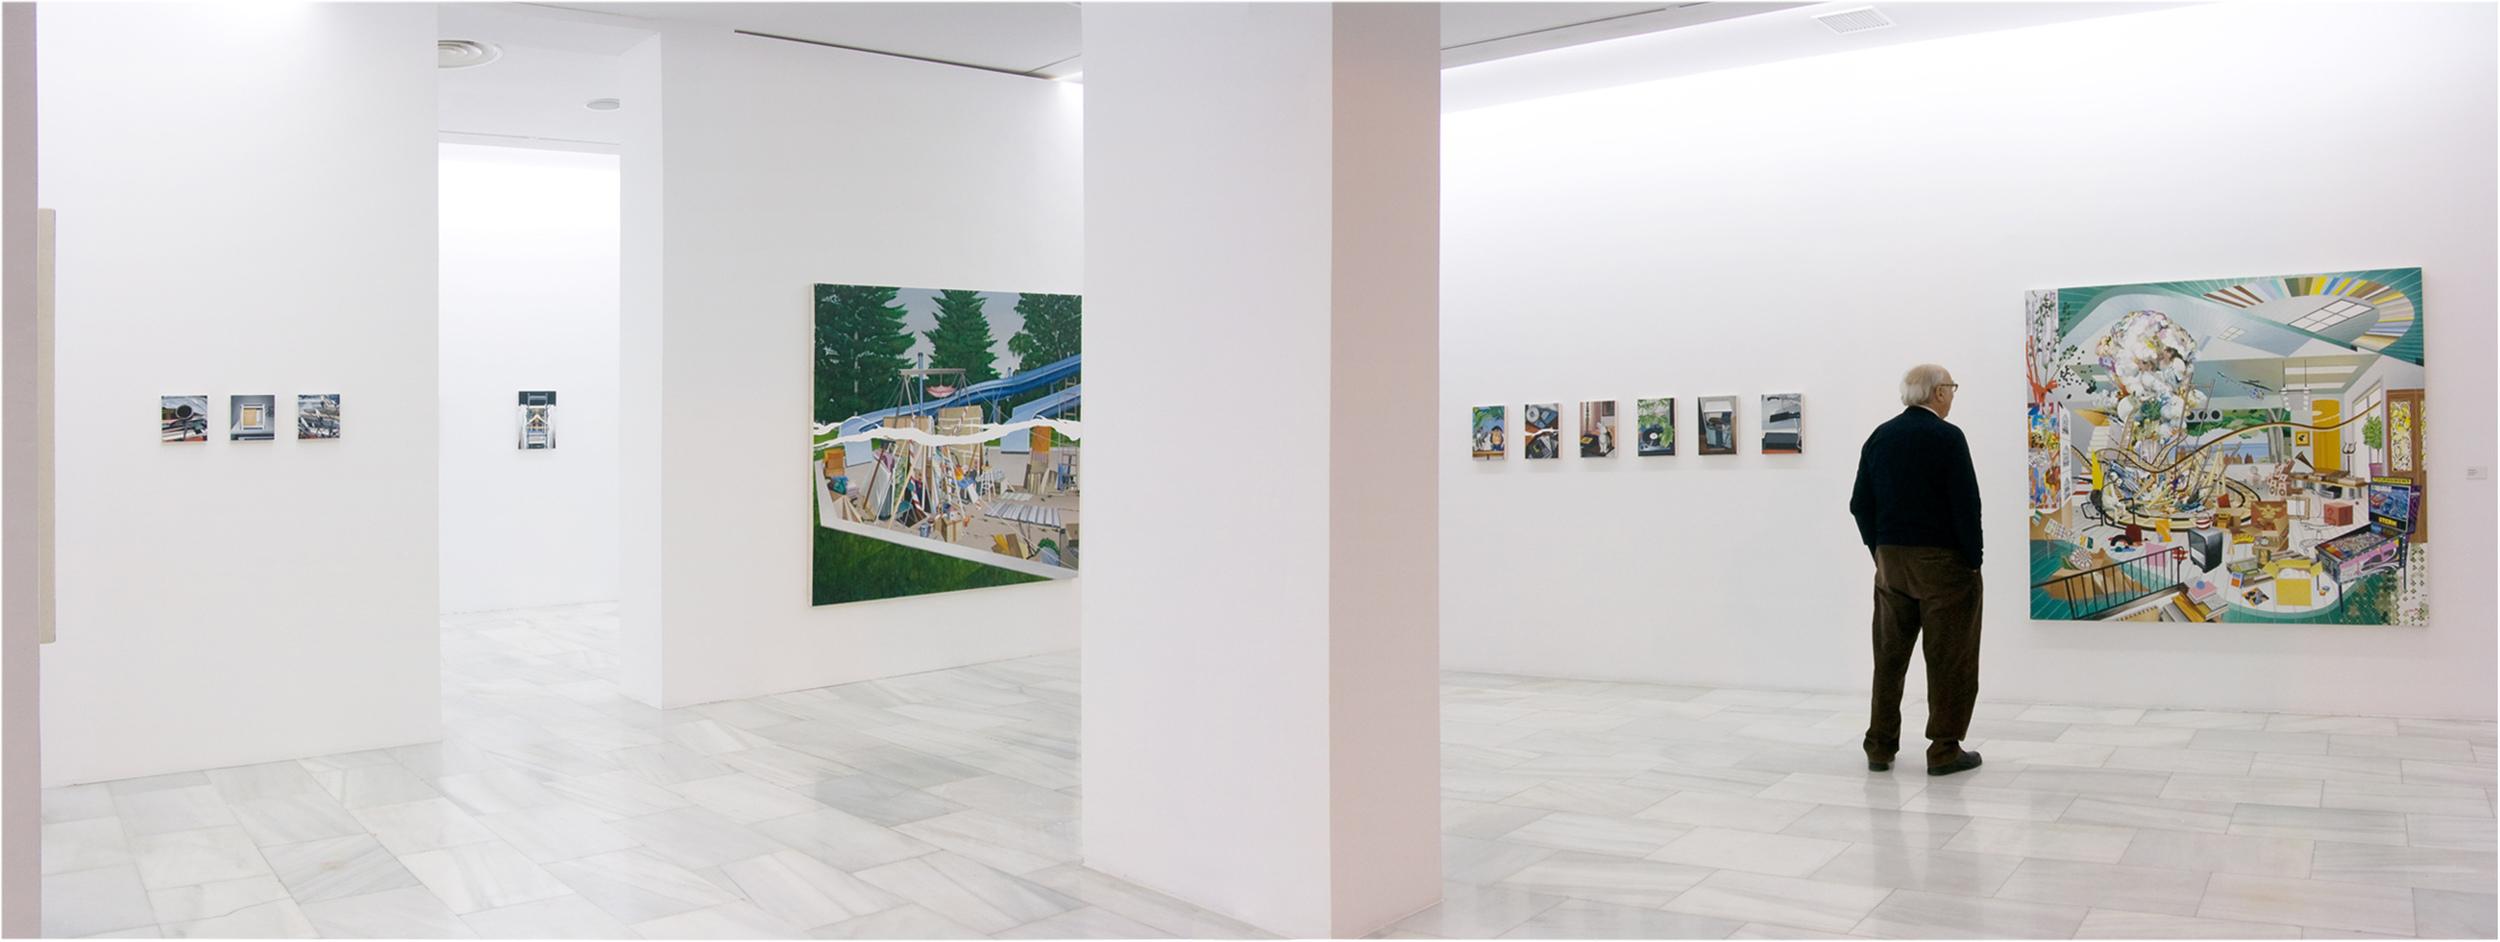 Vista de exposición. Red de Arte Joven. Sala de exposiciones de Avenida América, Madrid. 2009